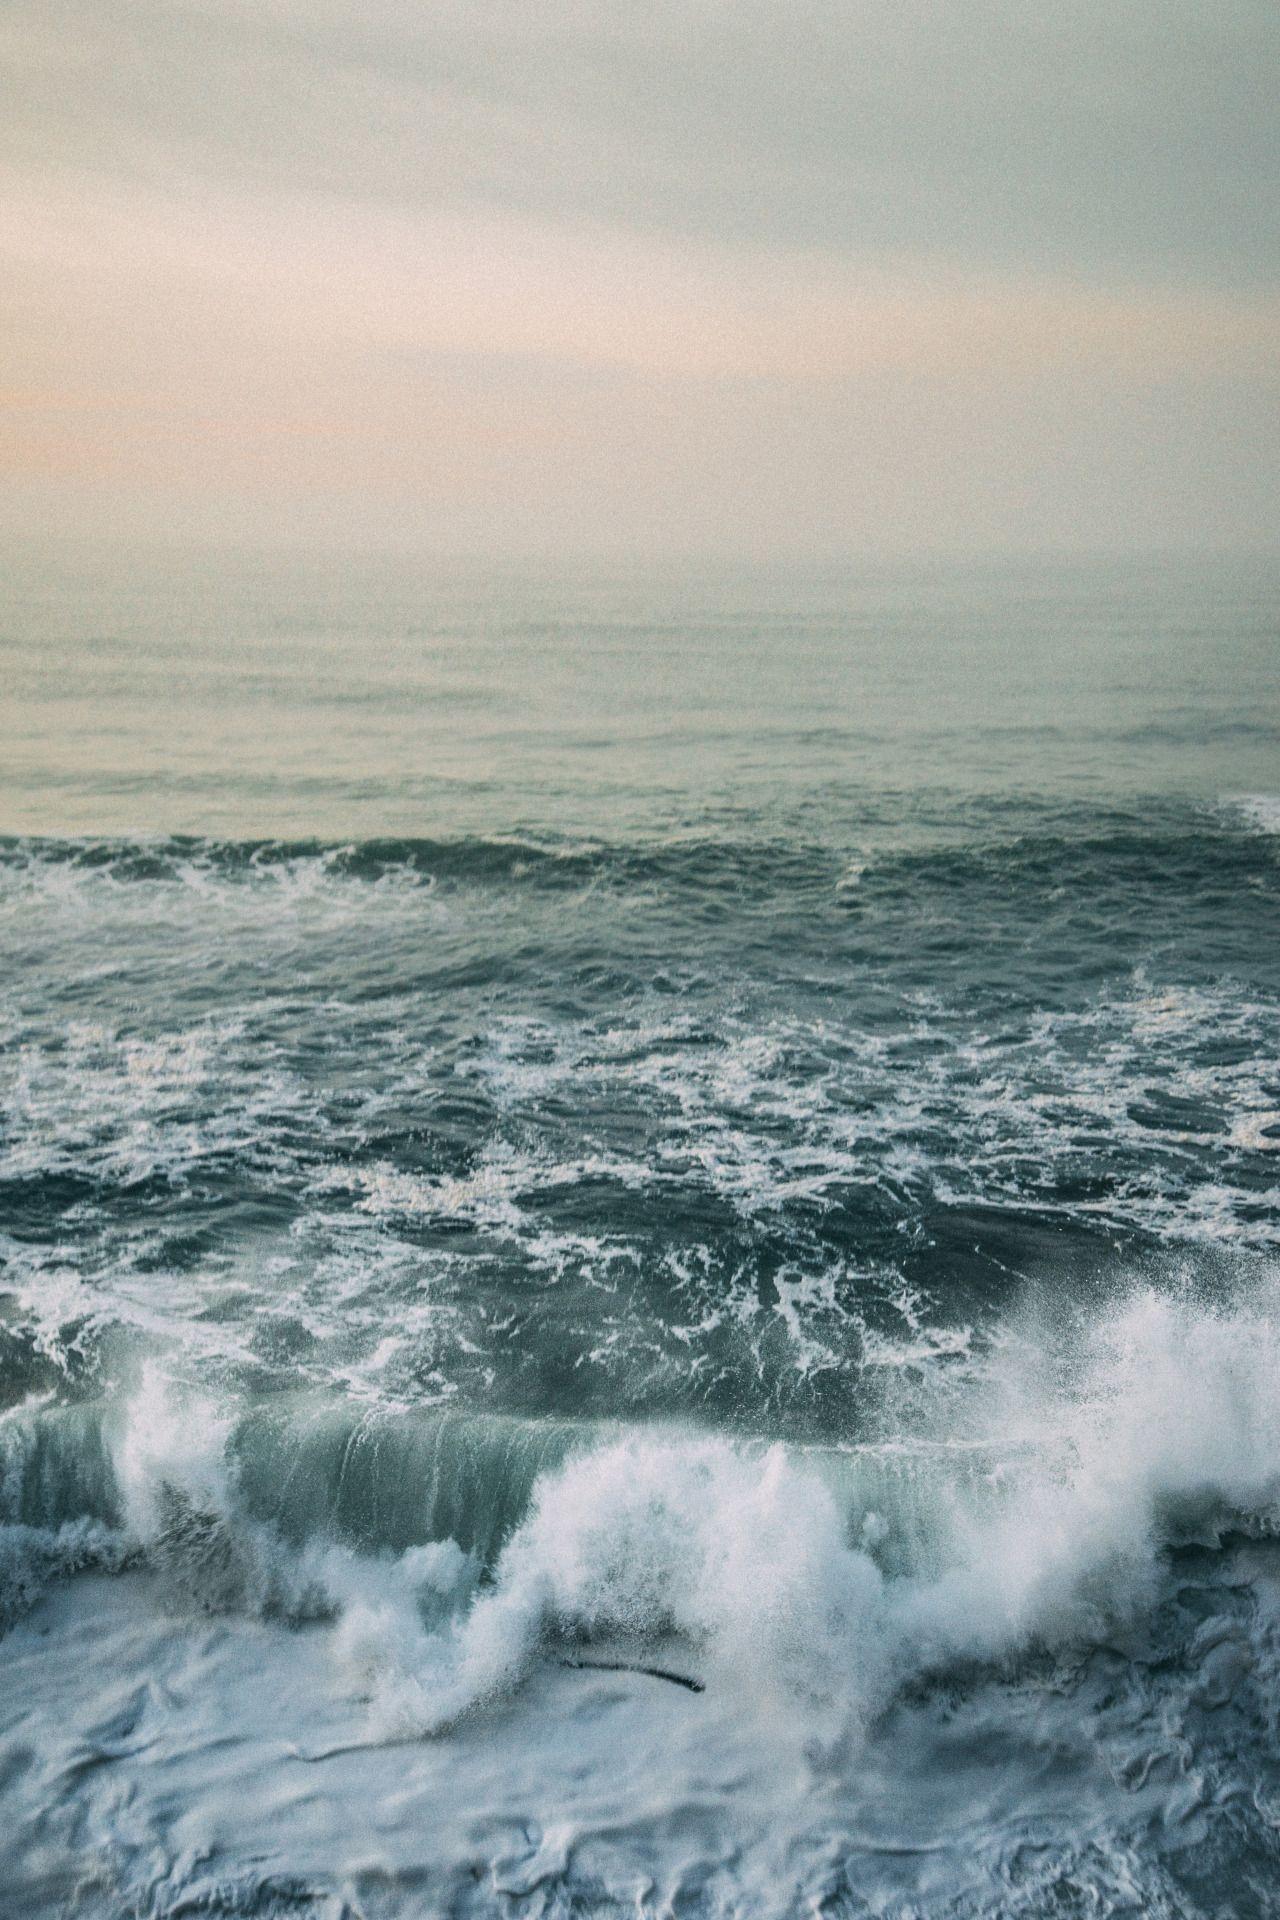 Landscape Photography Photo Landscape Photography Waves Ocean Waves